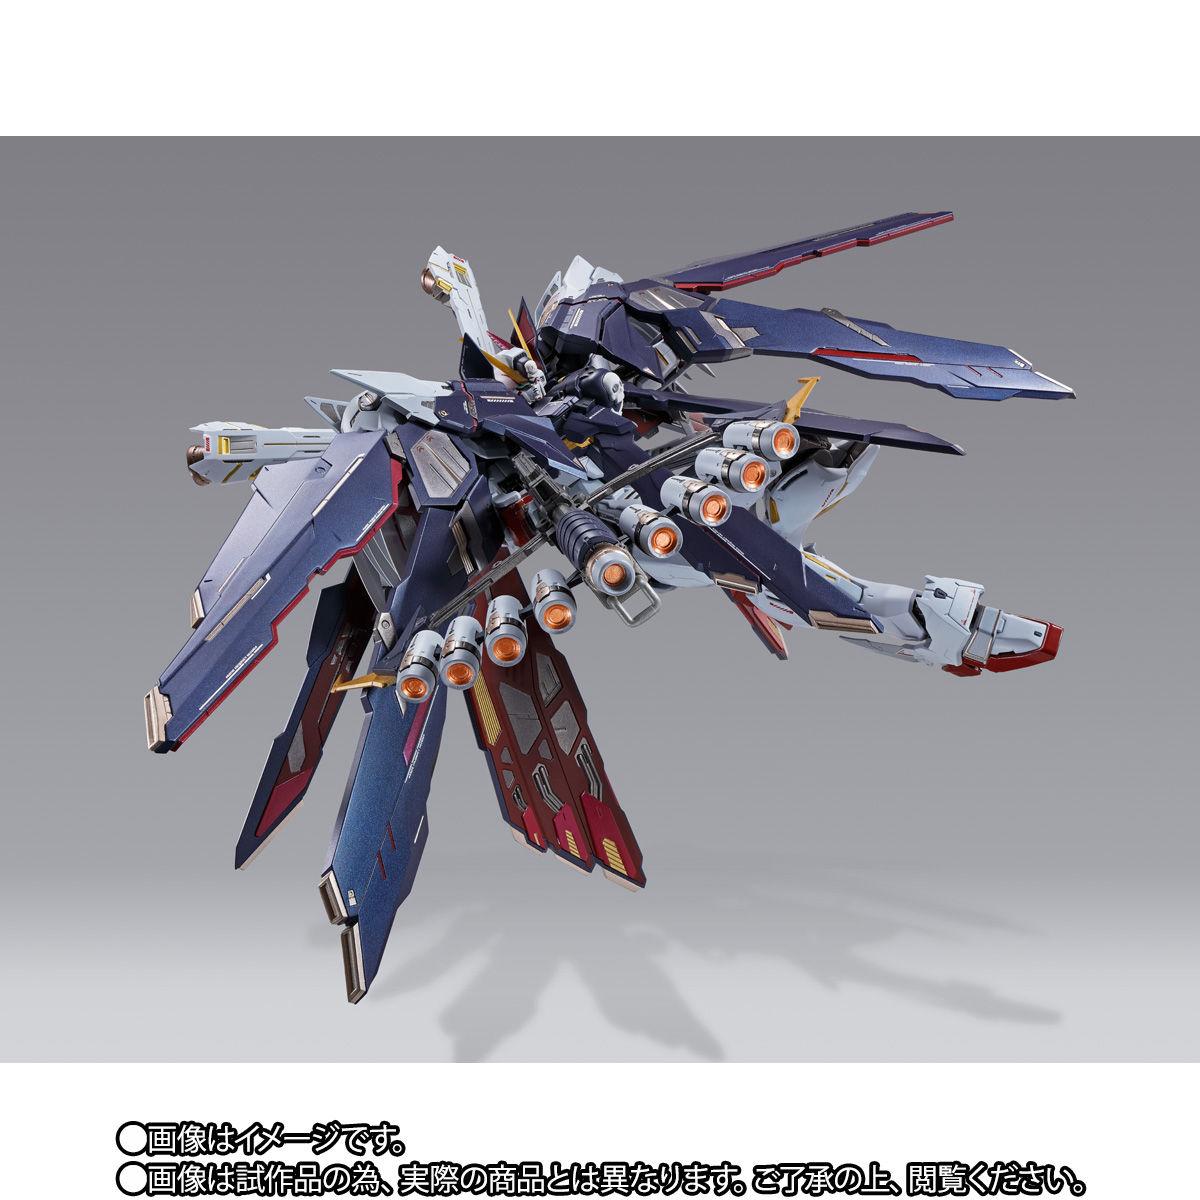 METAL BUILD『クロスボーン・ガンダムX1 フルクロス』機動戦士クロスボーン・ガンダム 可動フィギュア-006